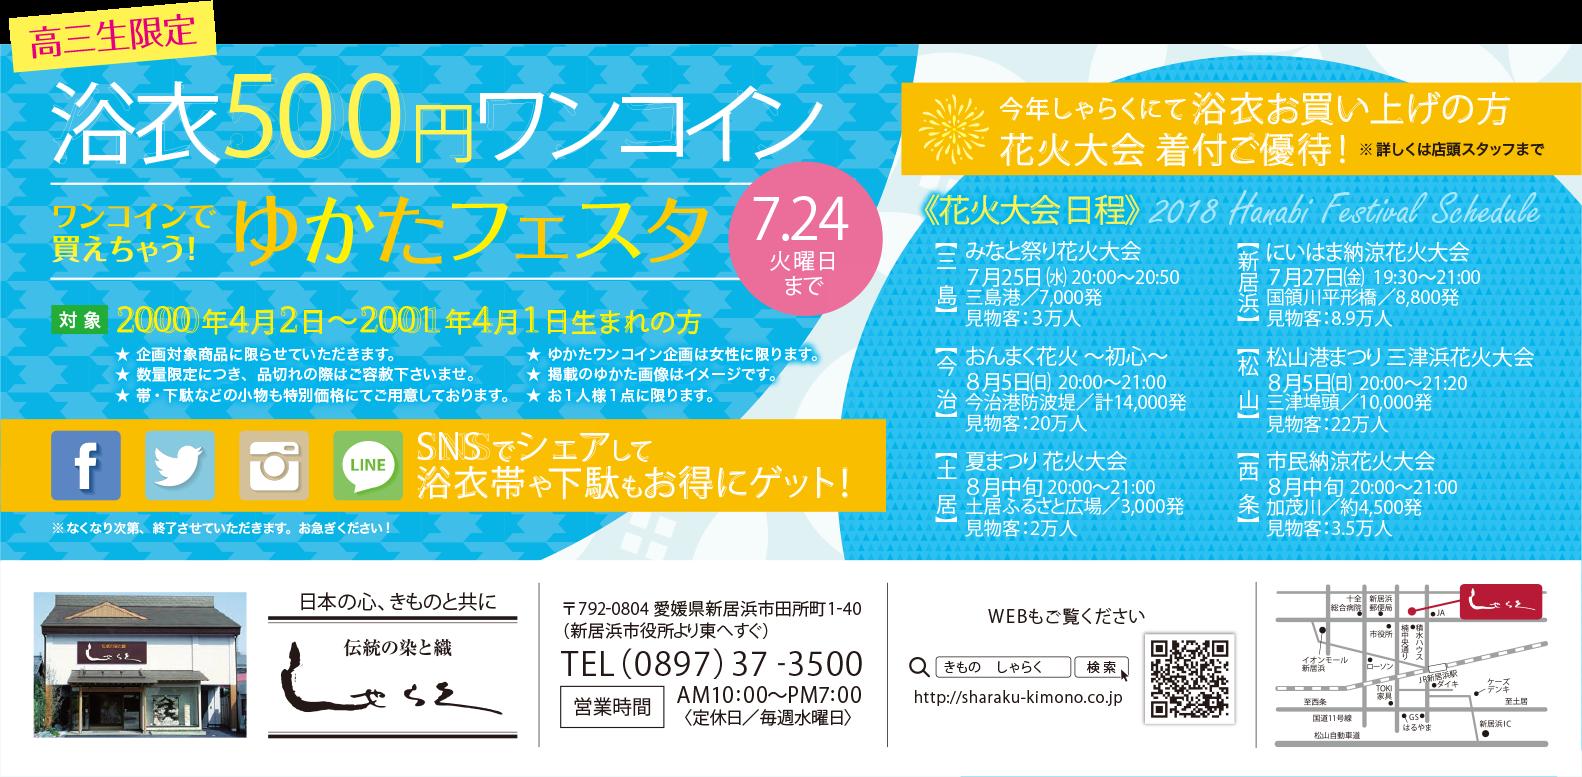 yukatafesta201806